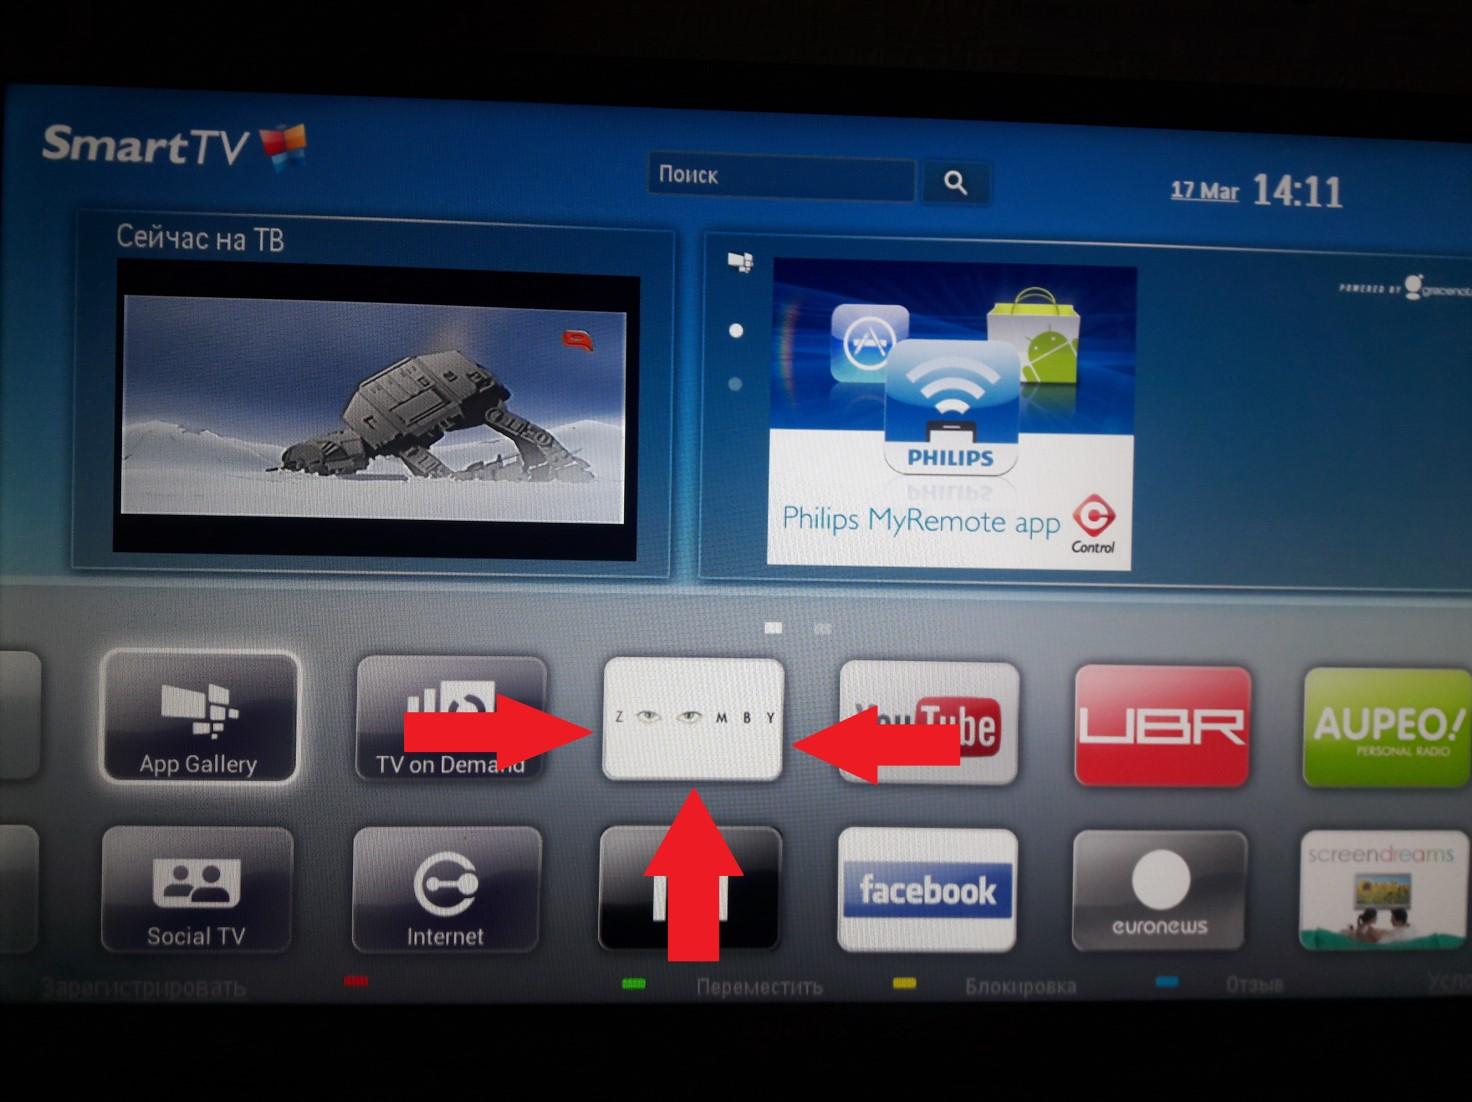 Окно Smart TV и закладка сайта Zoomby